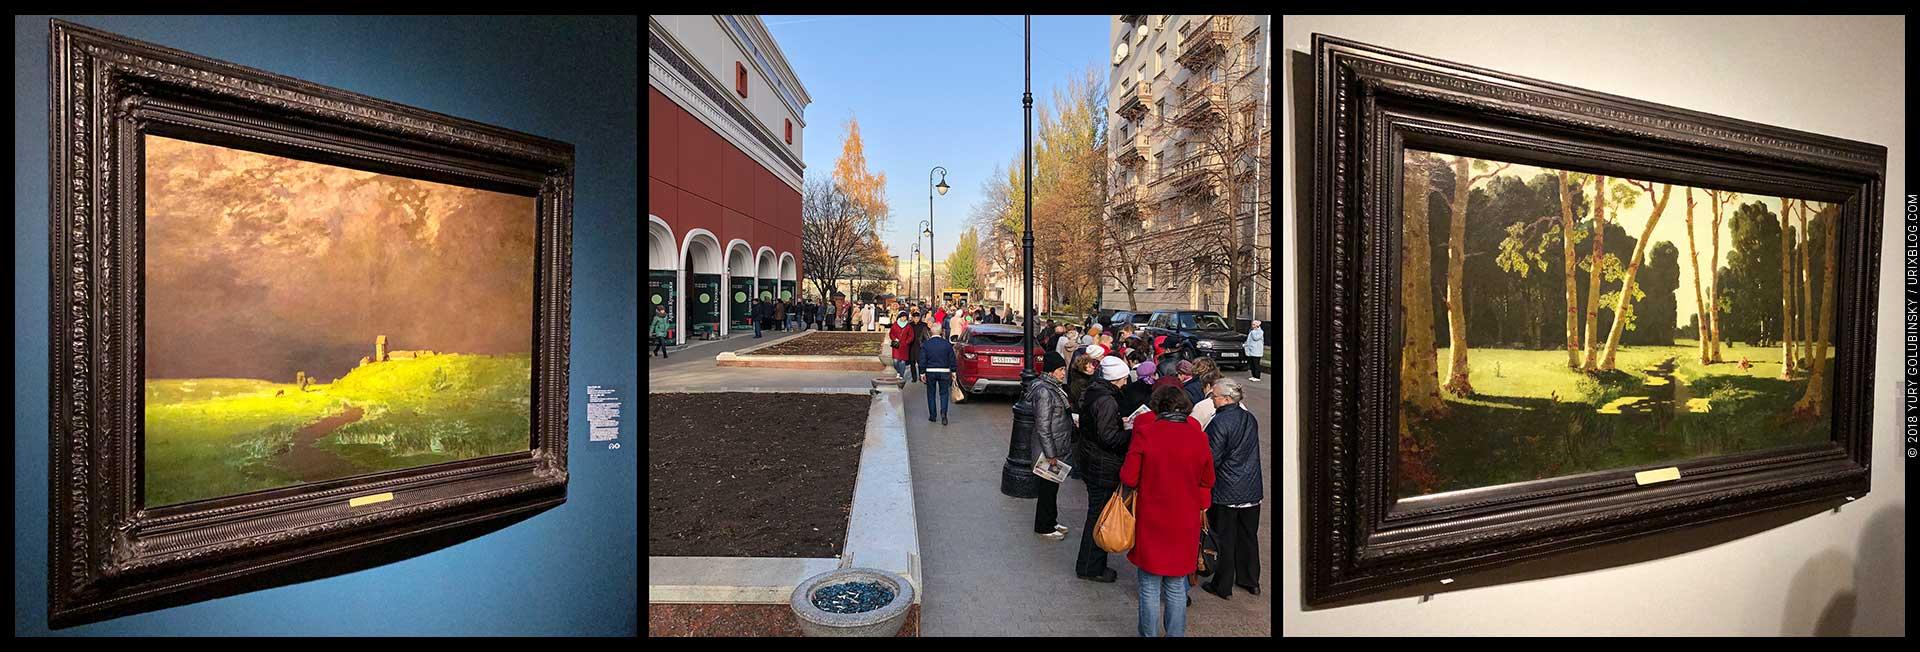 Третьяковская галерея, Архип Куинджи, выставка, картины, музей, очередь, 2018, Москва, Россия